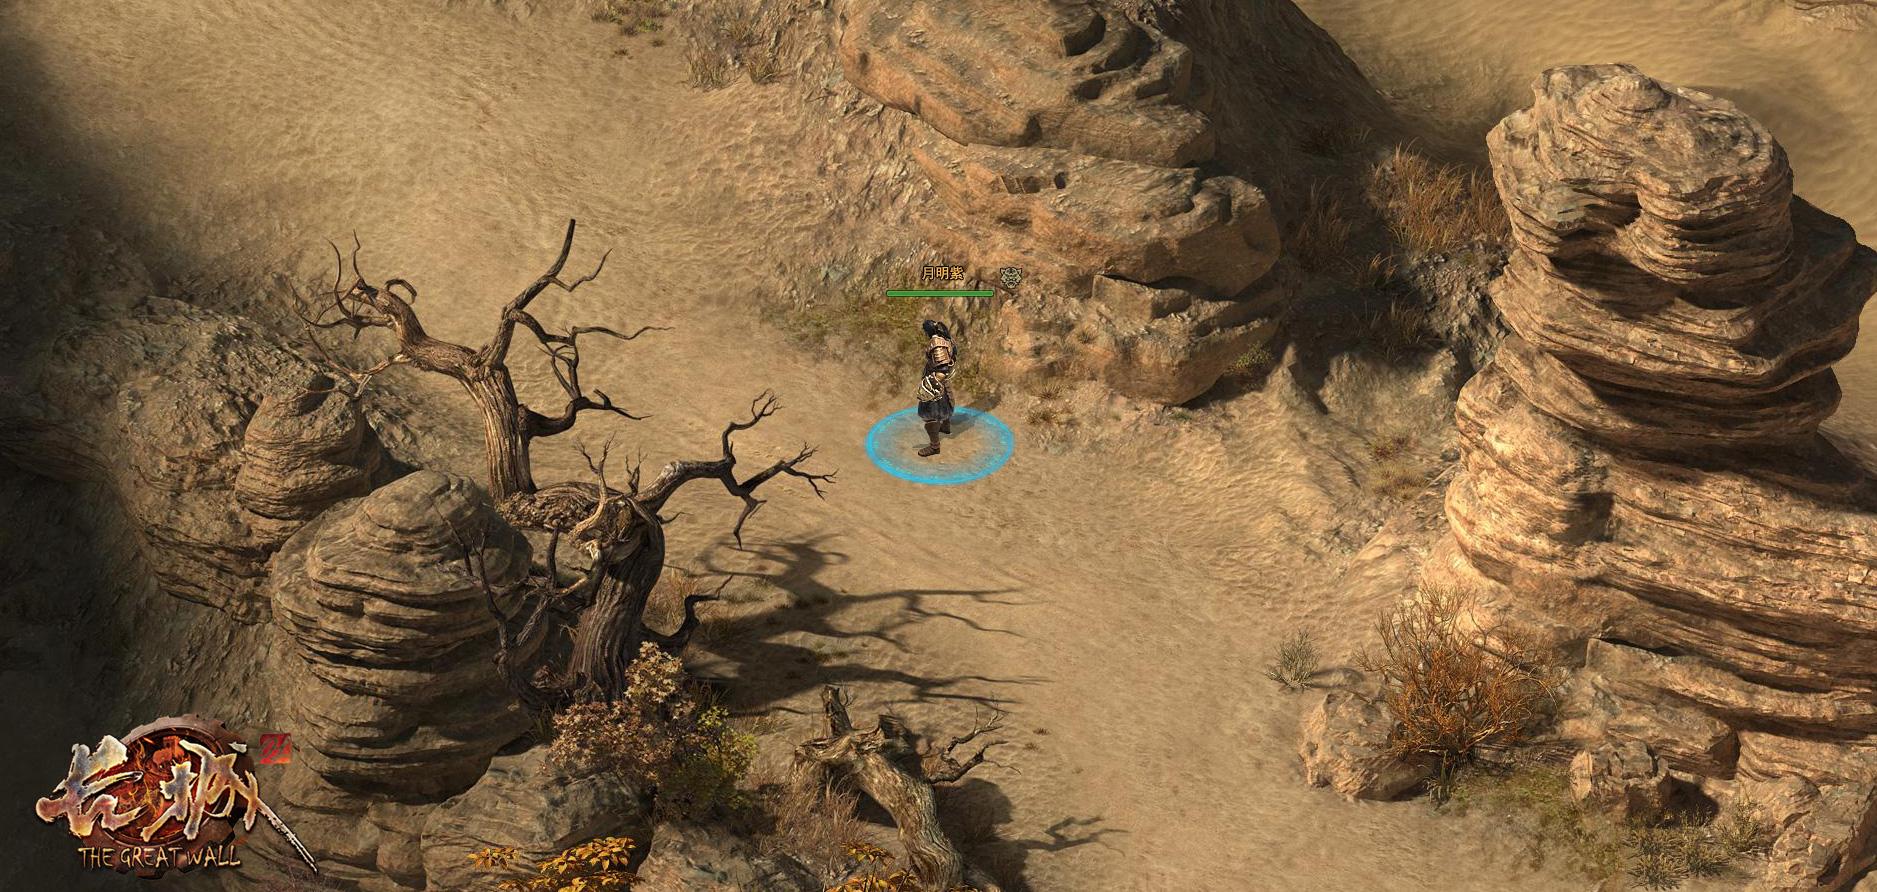 《长城OL》游戏场景截图